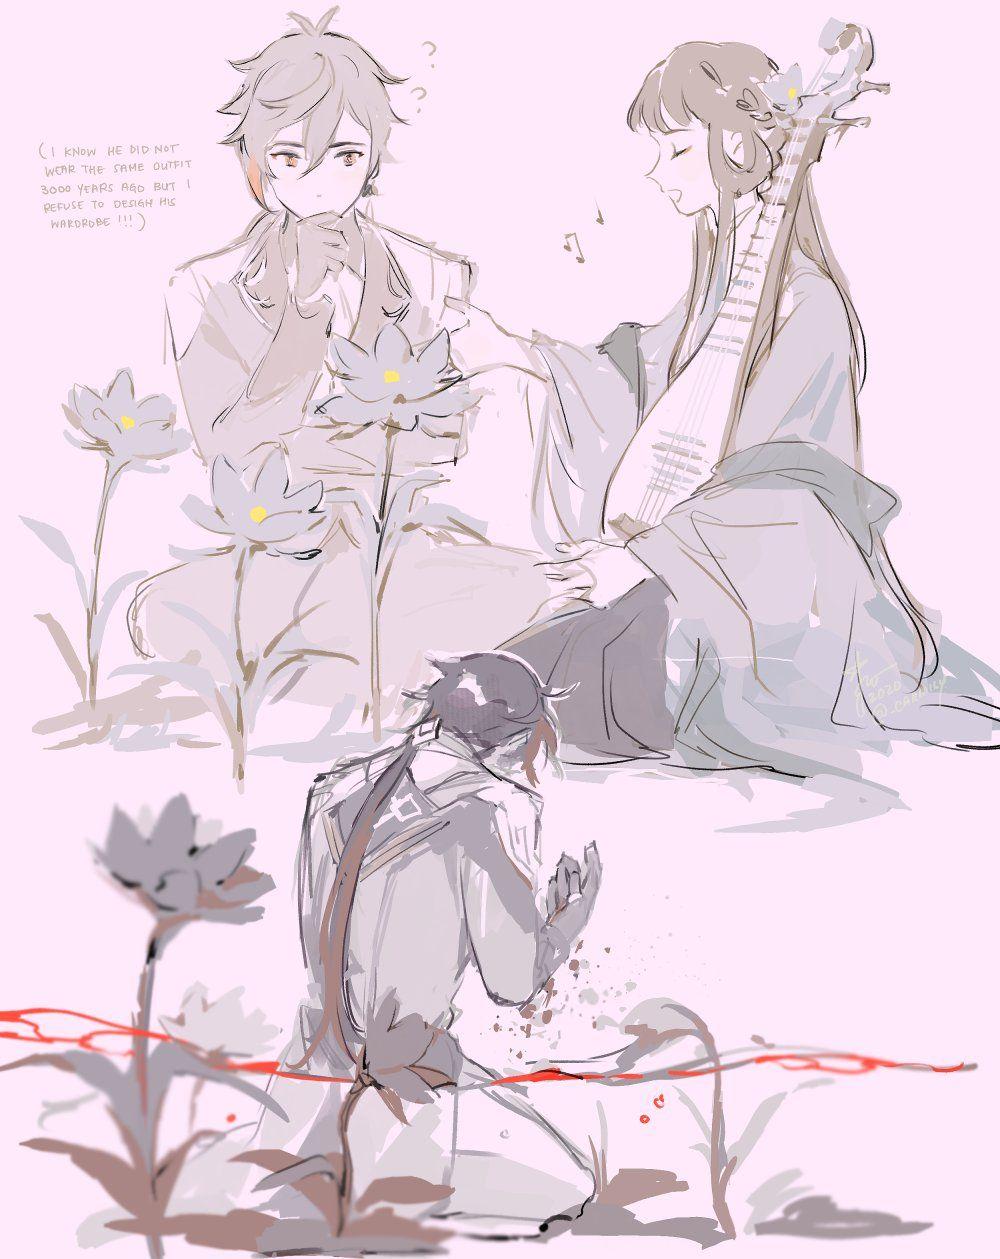 Genshin Impact lore : Guizhong, God of Dust 1st Love Zhongli 11